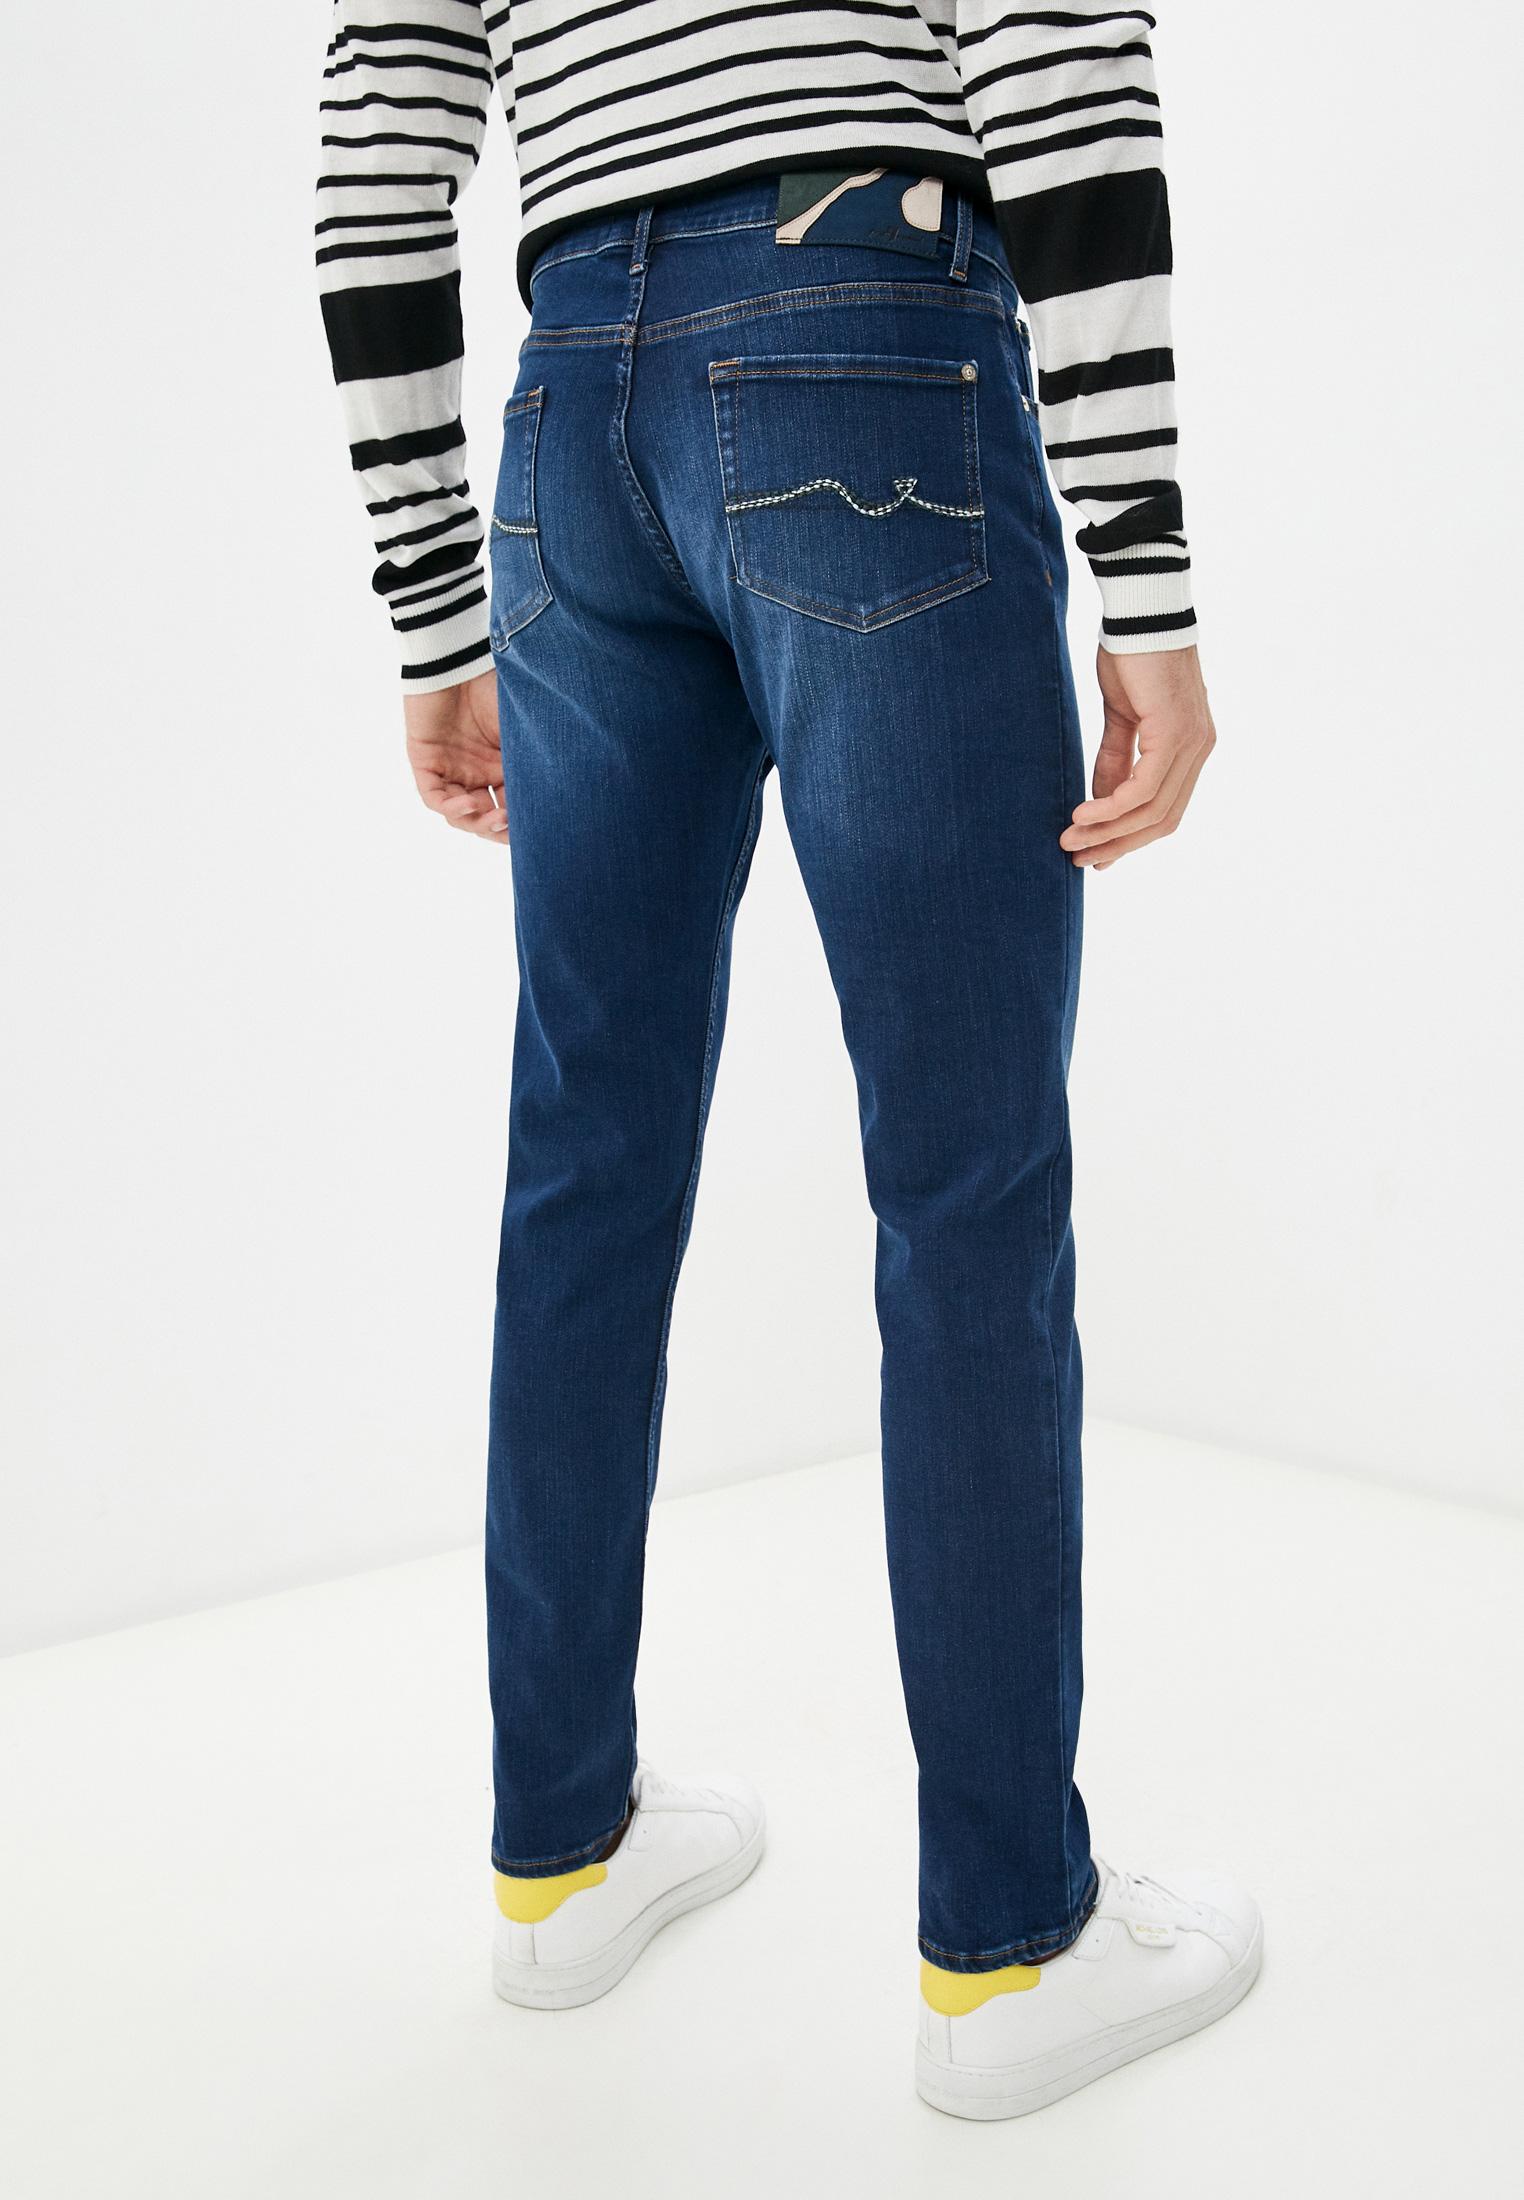 Зауженные джинсы 7 For All Mankind (7 Фо Олл Мэнкайнд) JSMXU58CTU: изображение 4